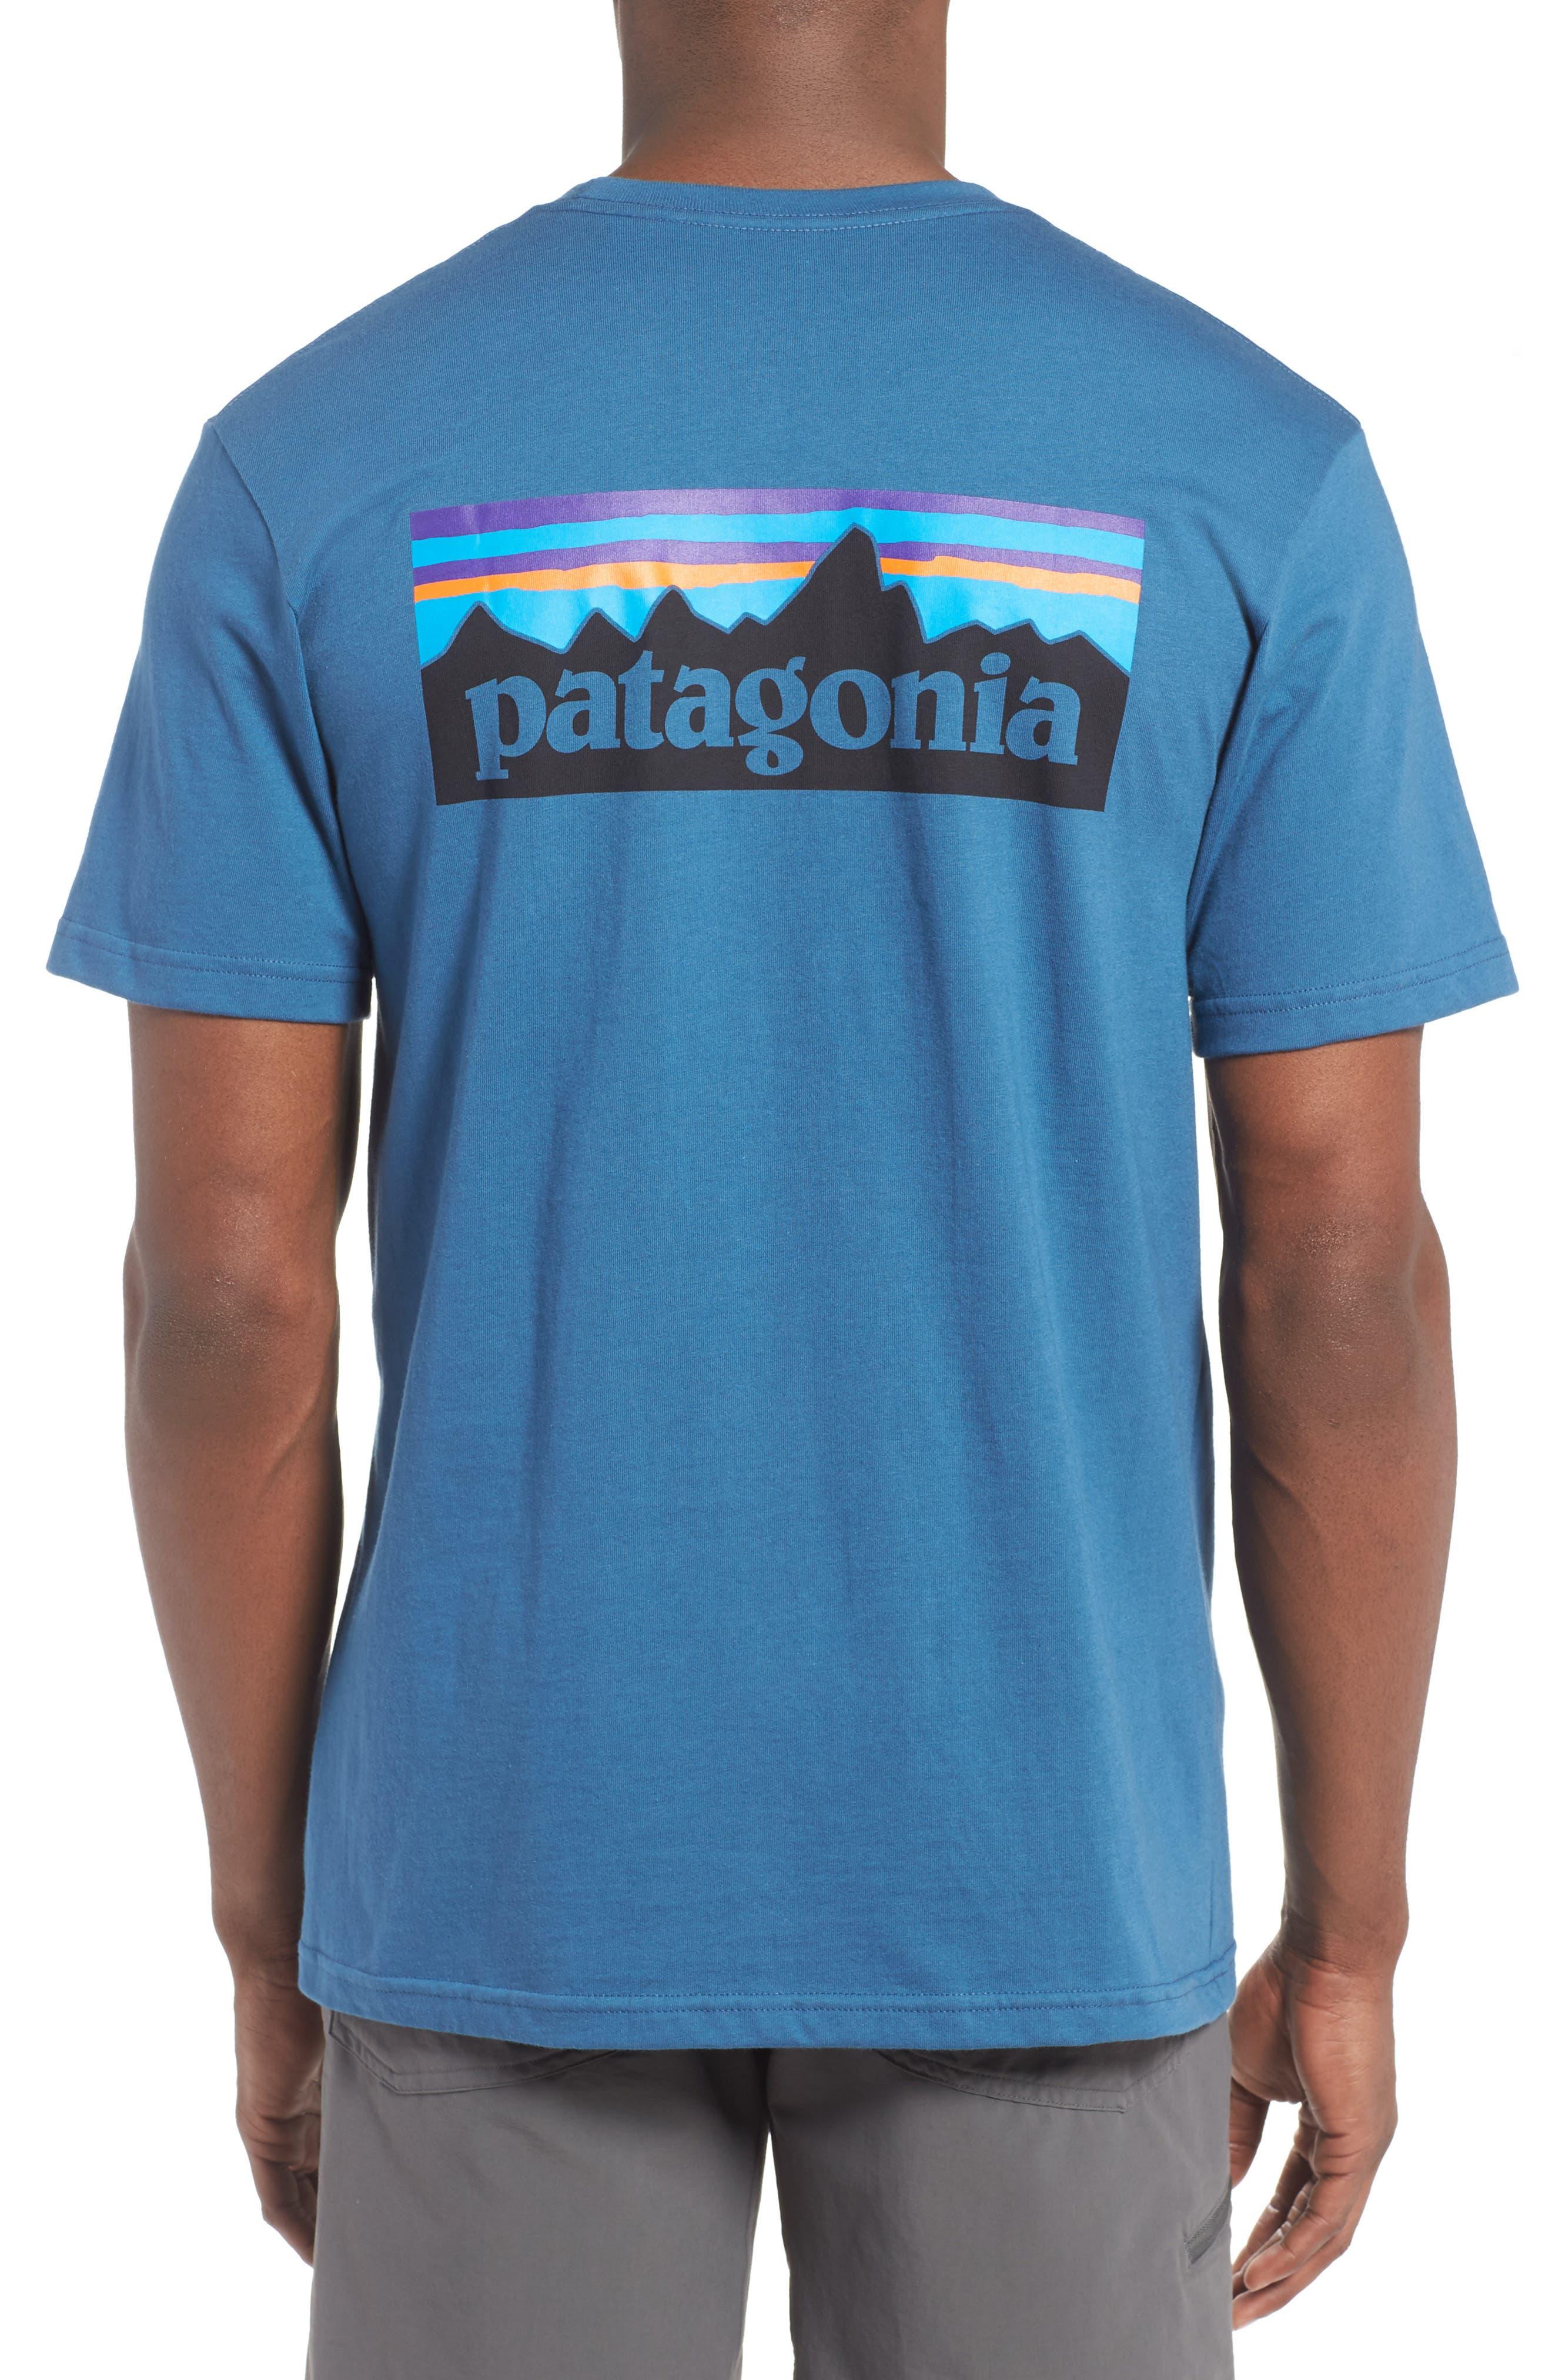 Patagonia 'P-6 Logo' Organic Cotton T-Shirt